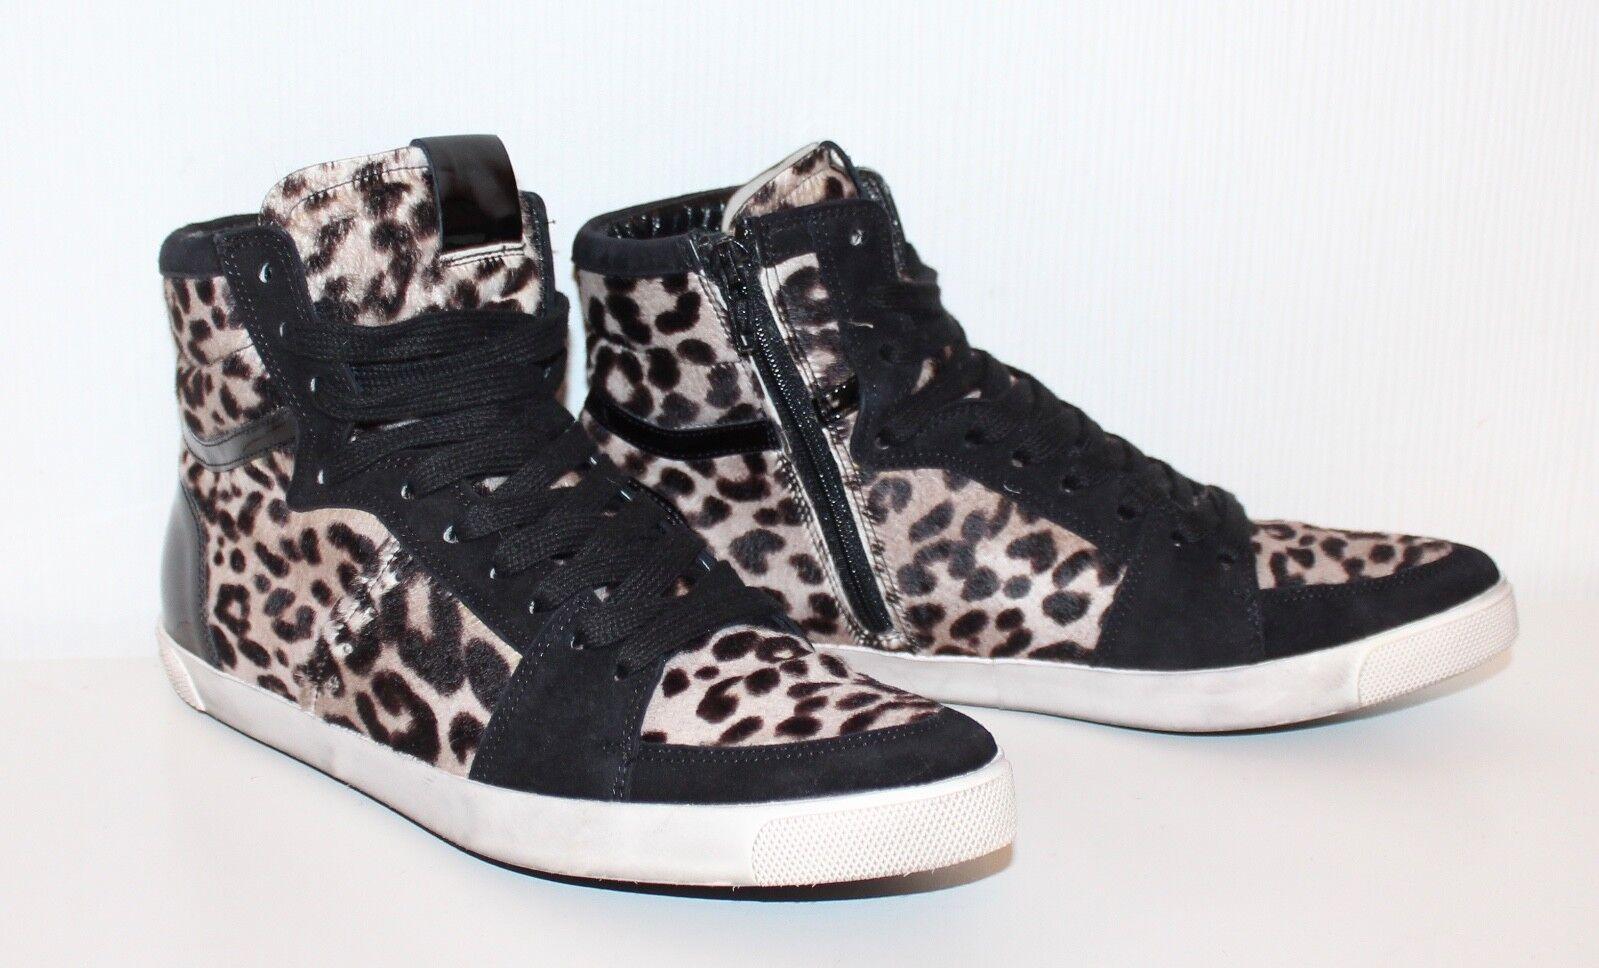 Kennel & schmenger Echt Leder High Top cortos señora zapatos zapatillas leo 37